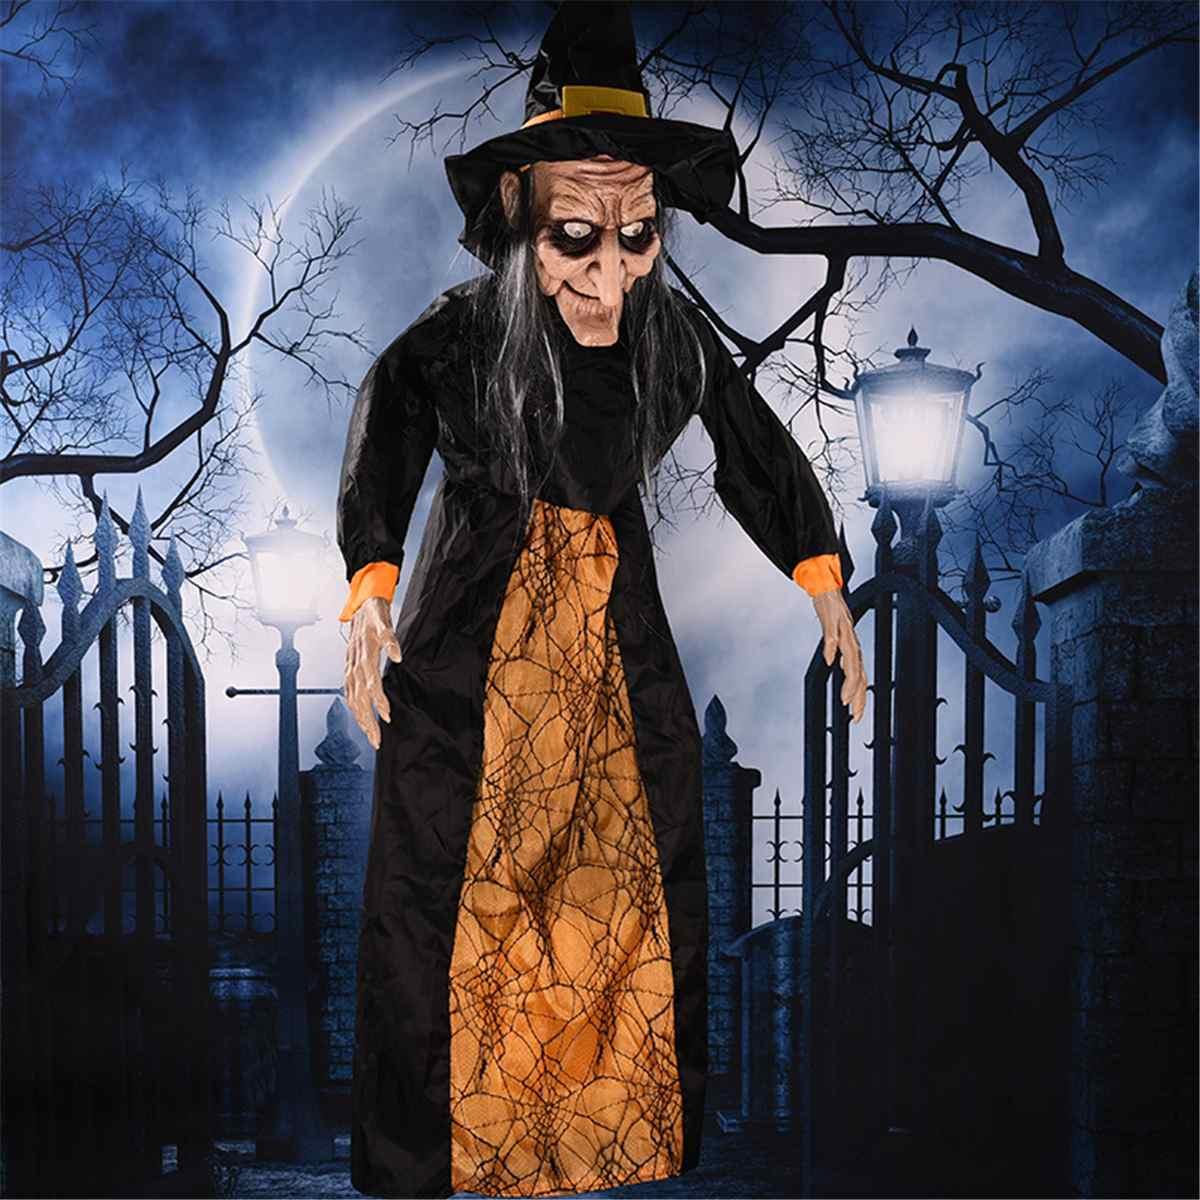 Nouveau Halloween Prop électrique suspendu sorcière Prop commande vocale rouge oeil animé sorcière fantôme Prop pour Halloween hantée maison décor